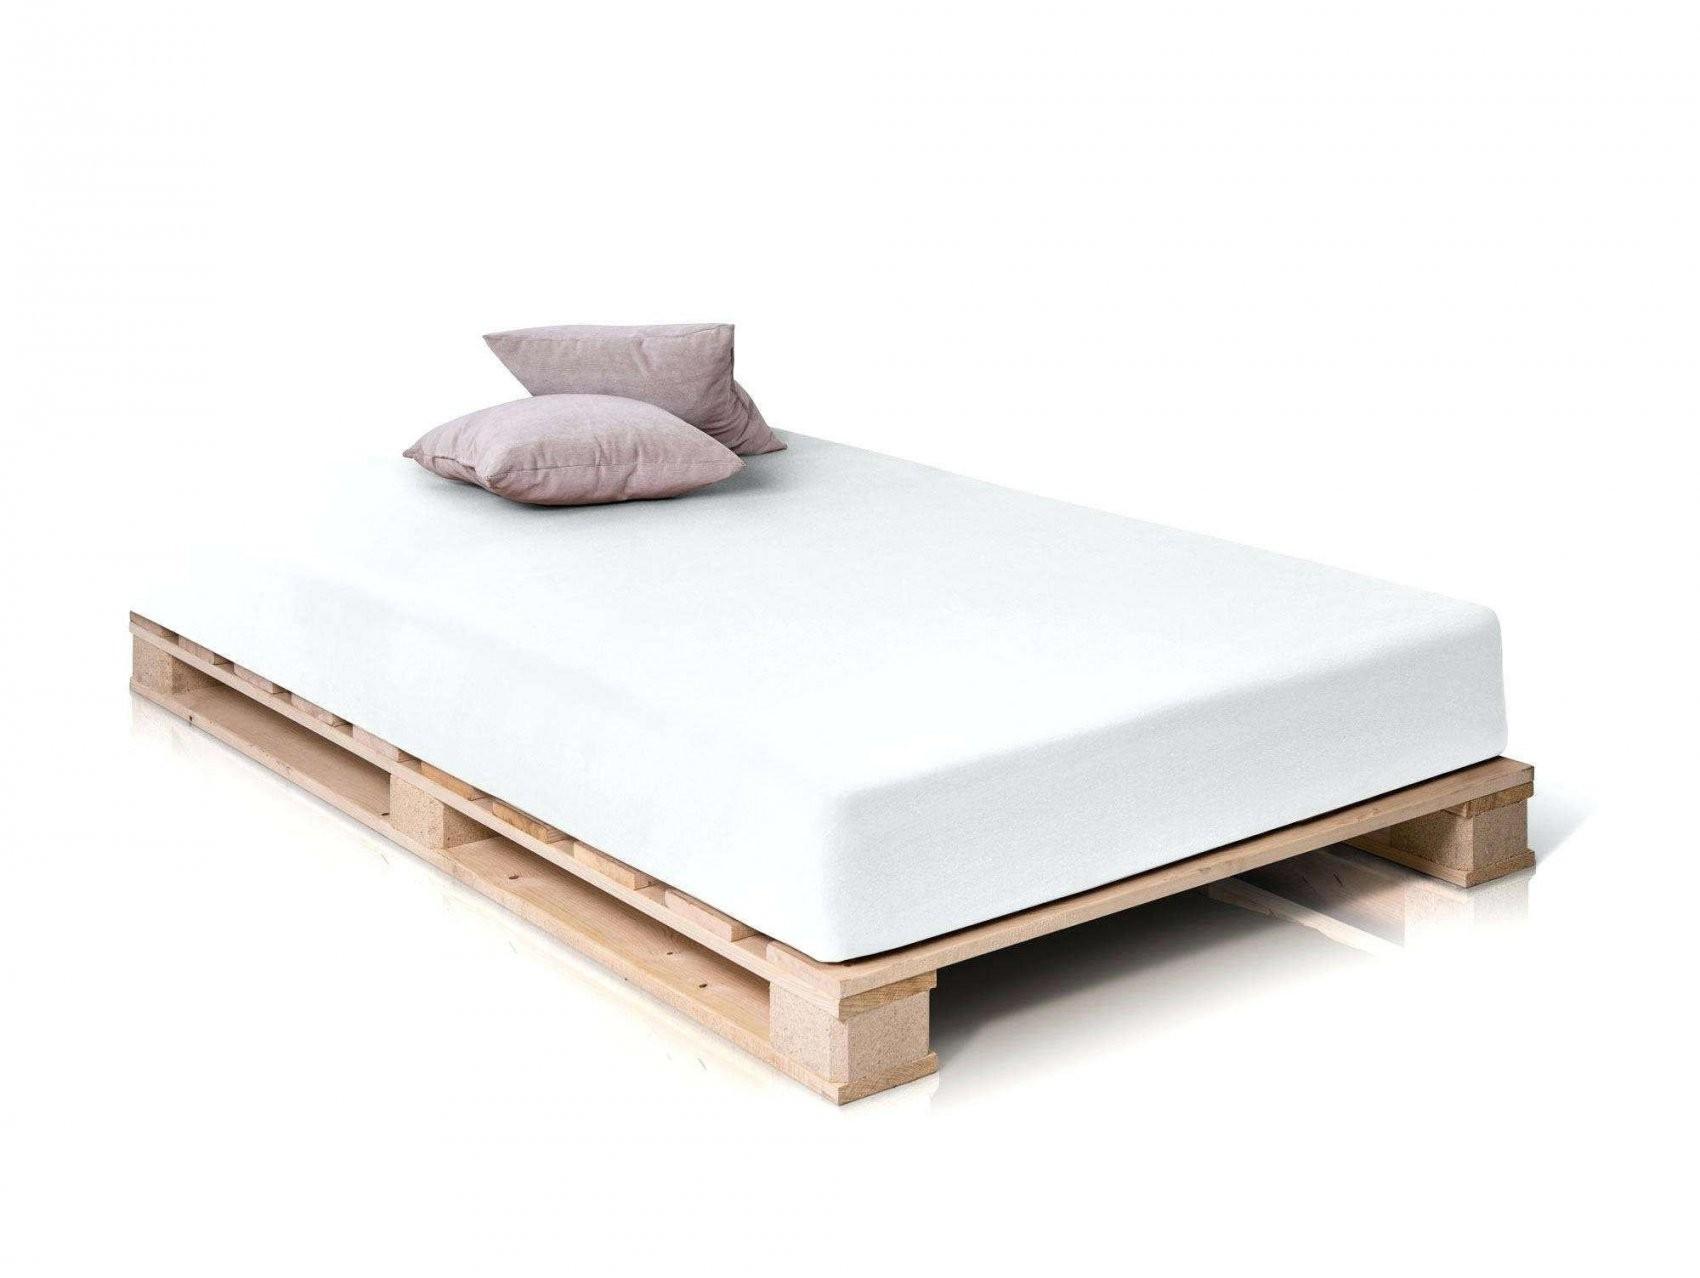 Bett 120×200 Mit Lattenrost Und Matratze Inspirierend Bett 120 Cm von Bett 120X200 Mit Lattenrost Und Matratze Bild